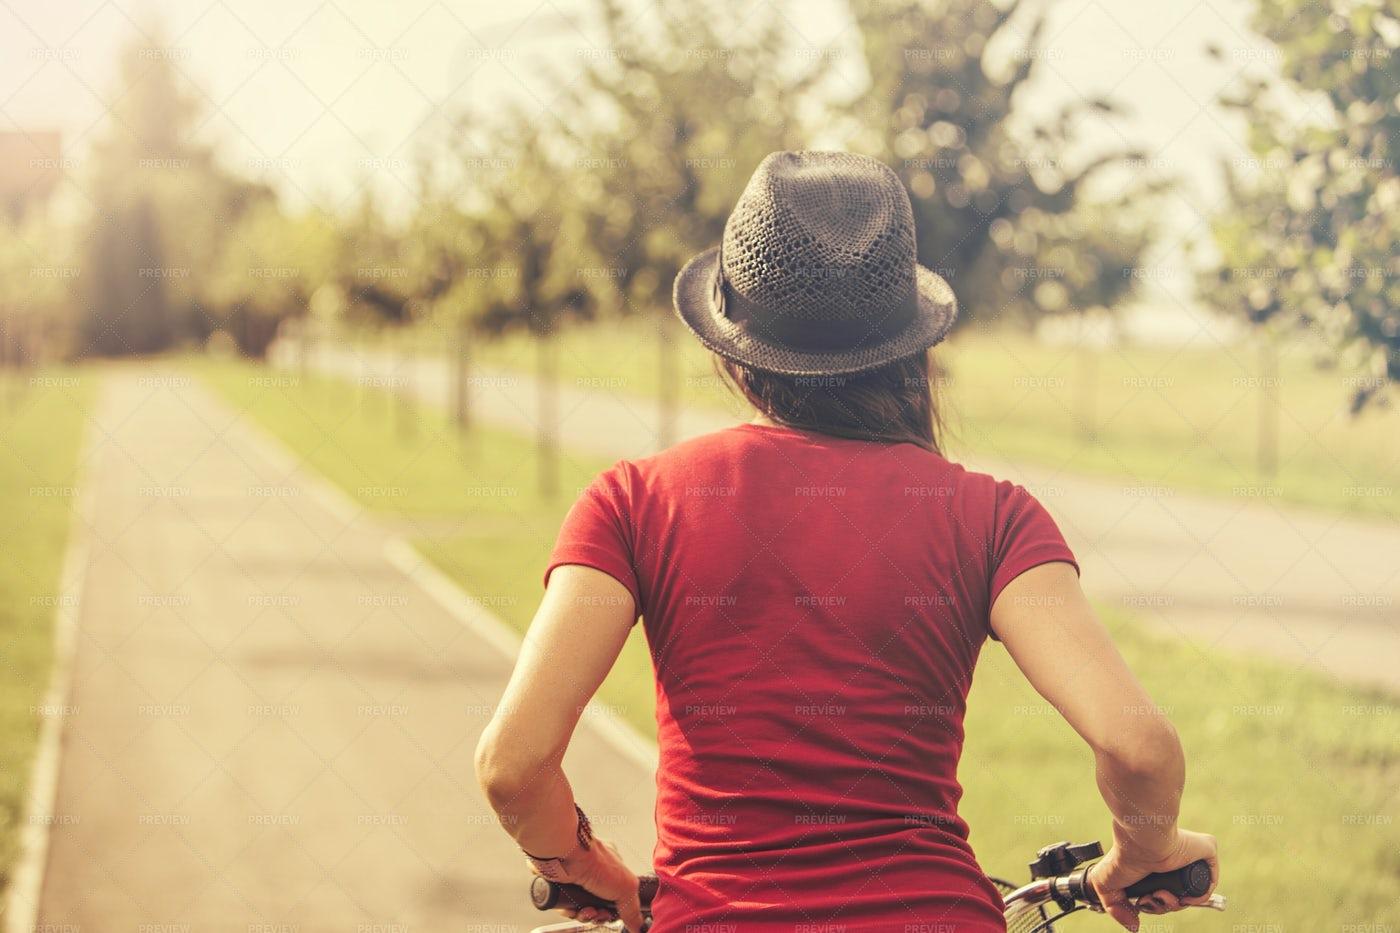 Girl Riding A Bike: Stock Photos